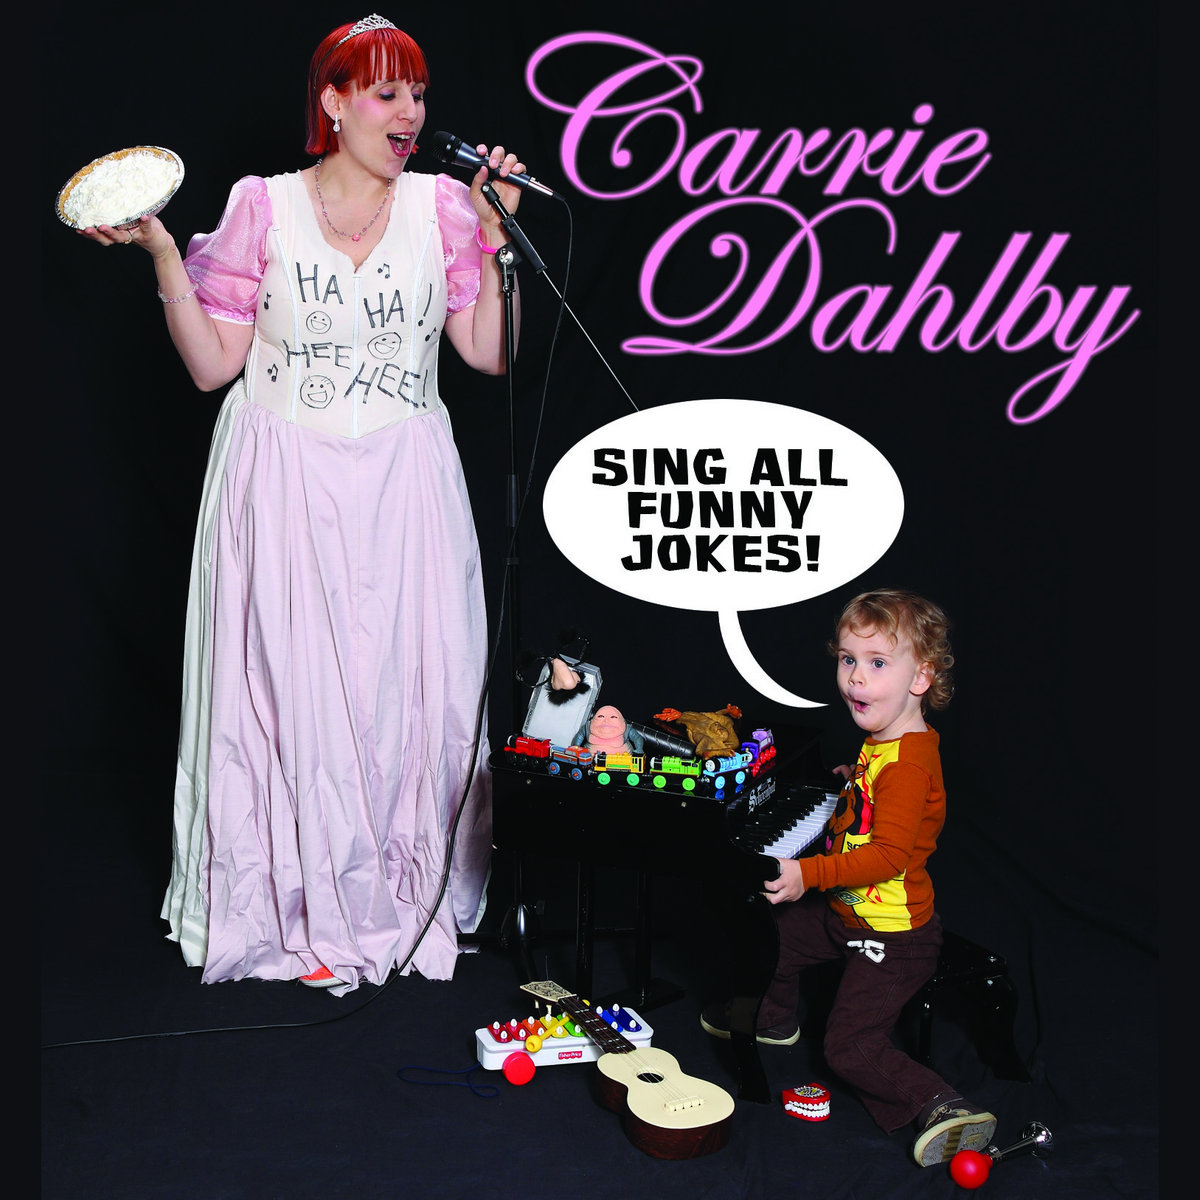 084b4604a Sing All Funny Jokes | Carrie Dahlby